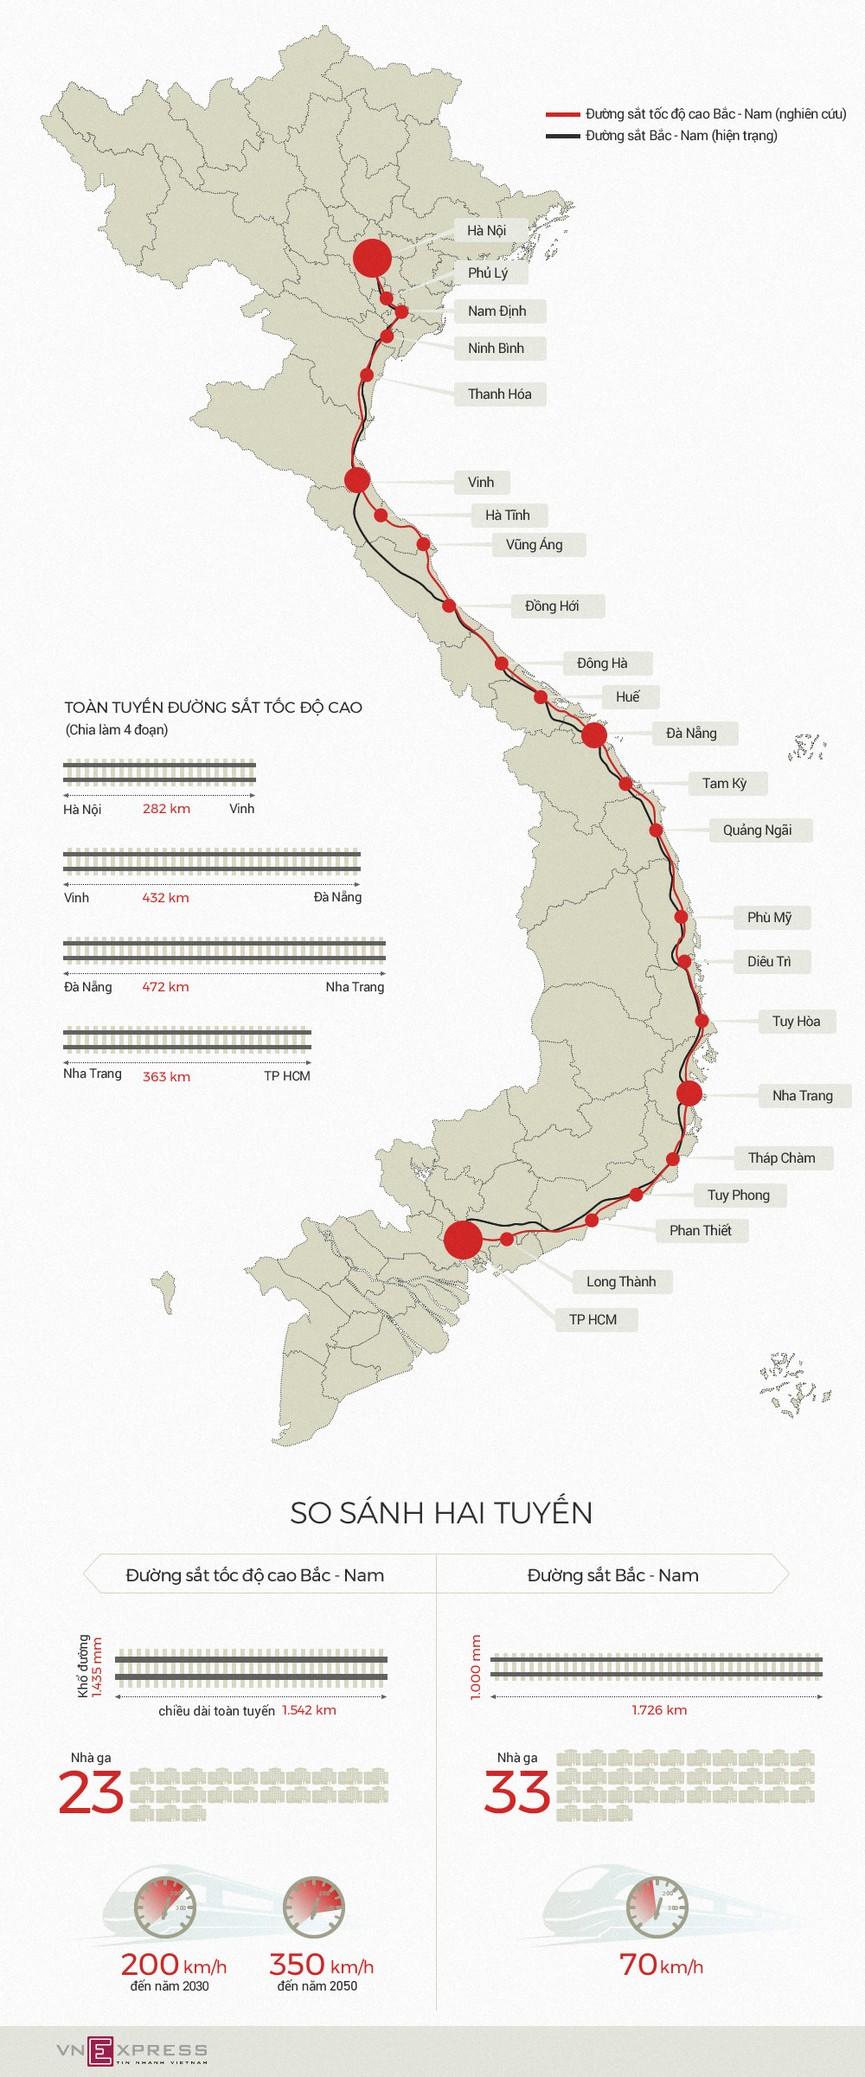 [Infographic] Đường sắt tốc độ cao khác gì đường sắt Bắc Nam hiện tại? - ảnh 1